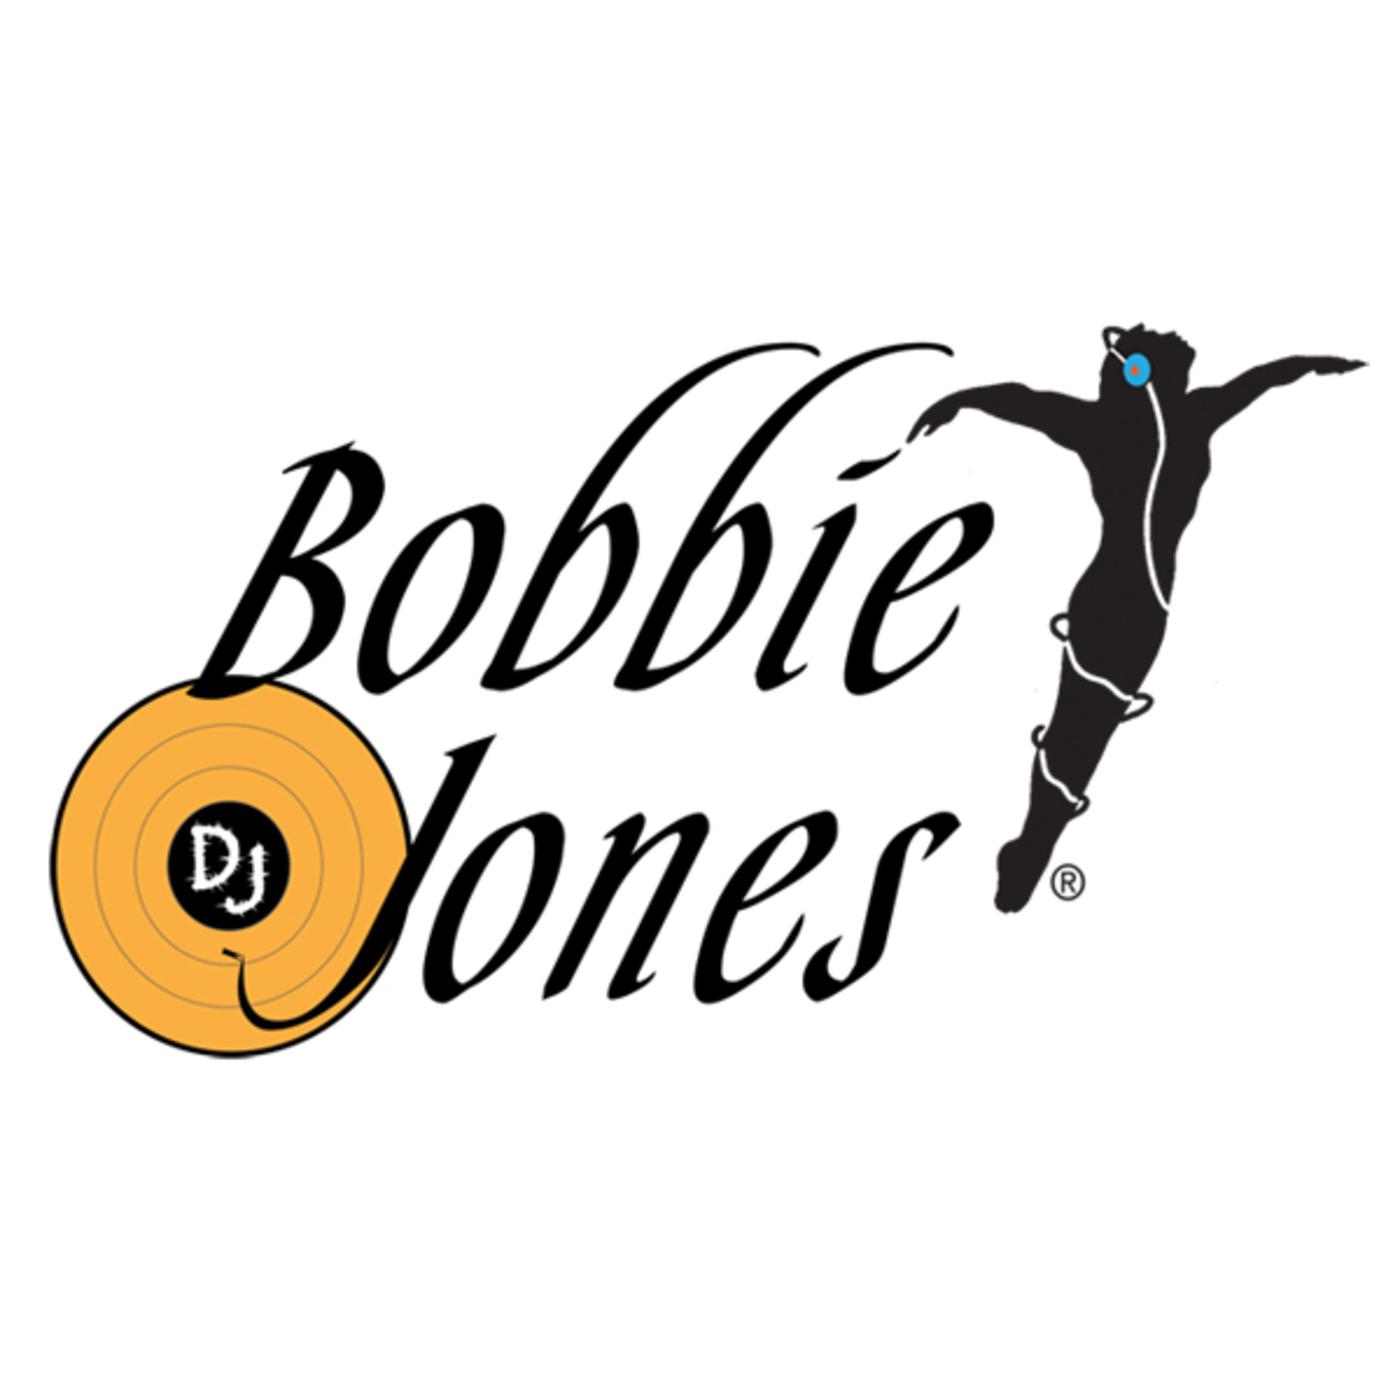 DJ Bobbie Jones' Podcast